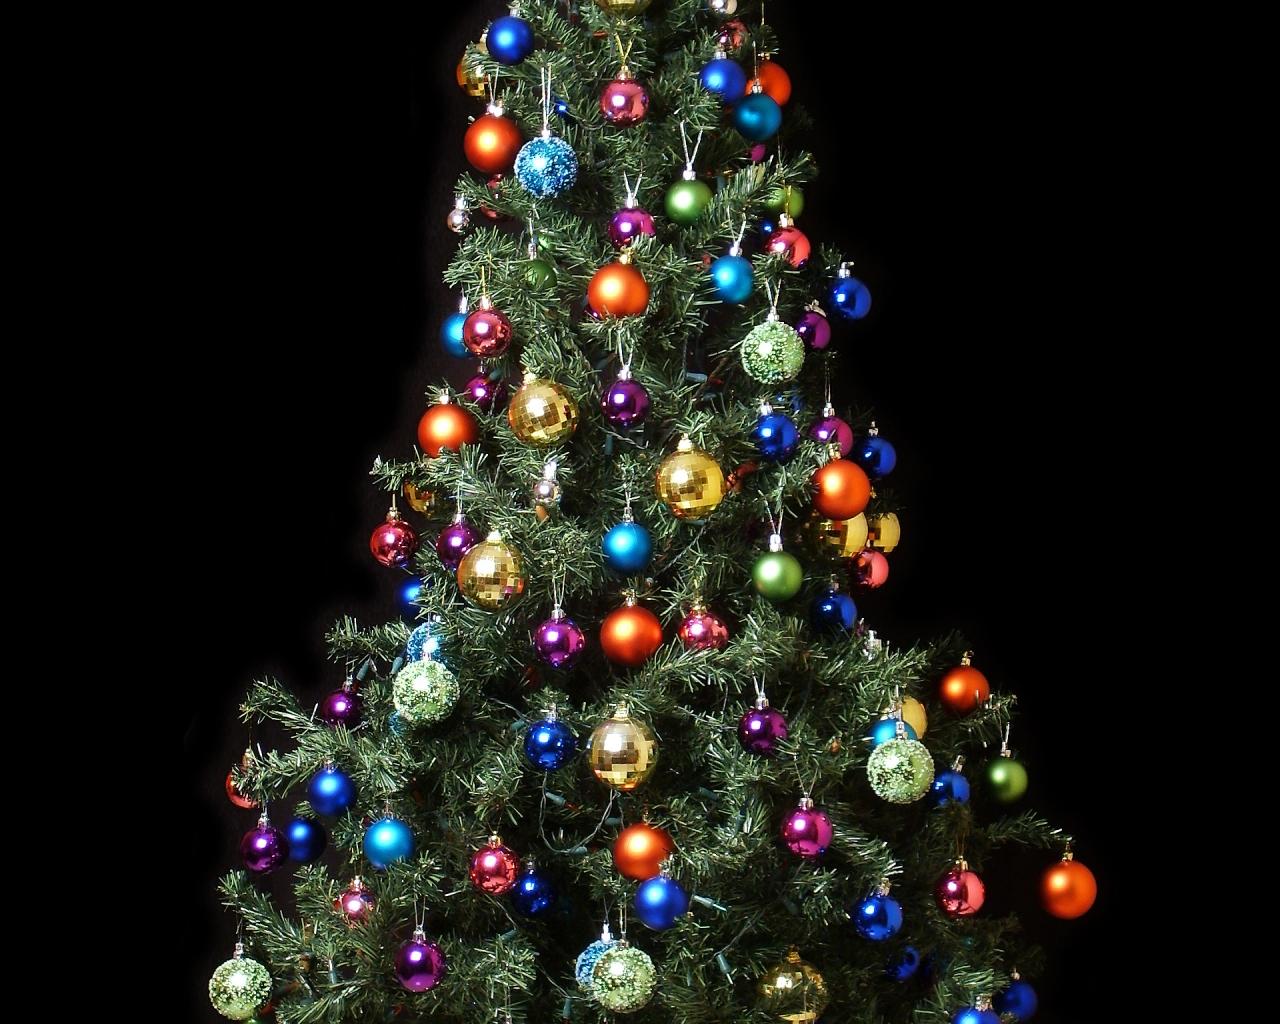 Fondo de pantalla arbol de navidad con bolas de colores - Arbol de navidad colores ...